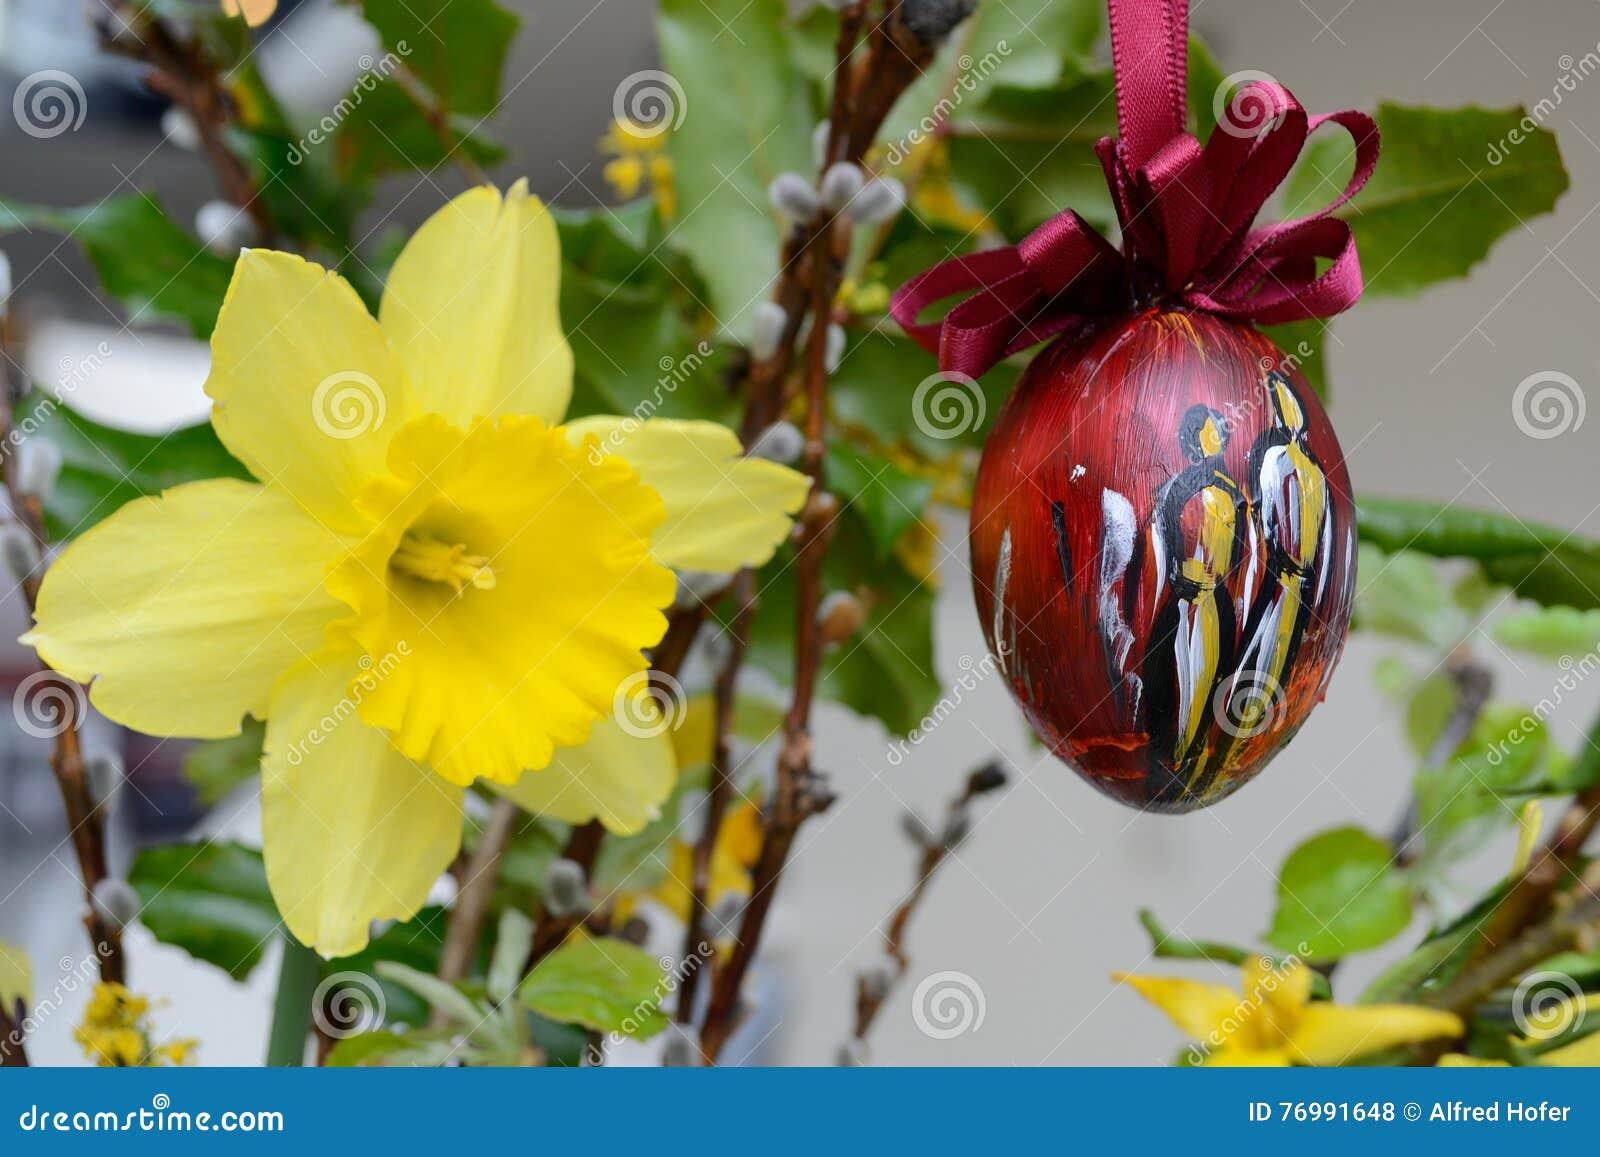 Decoración de Pascua - flores vernales